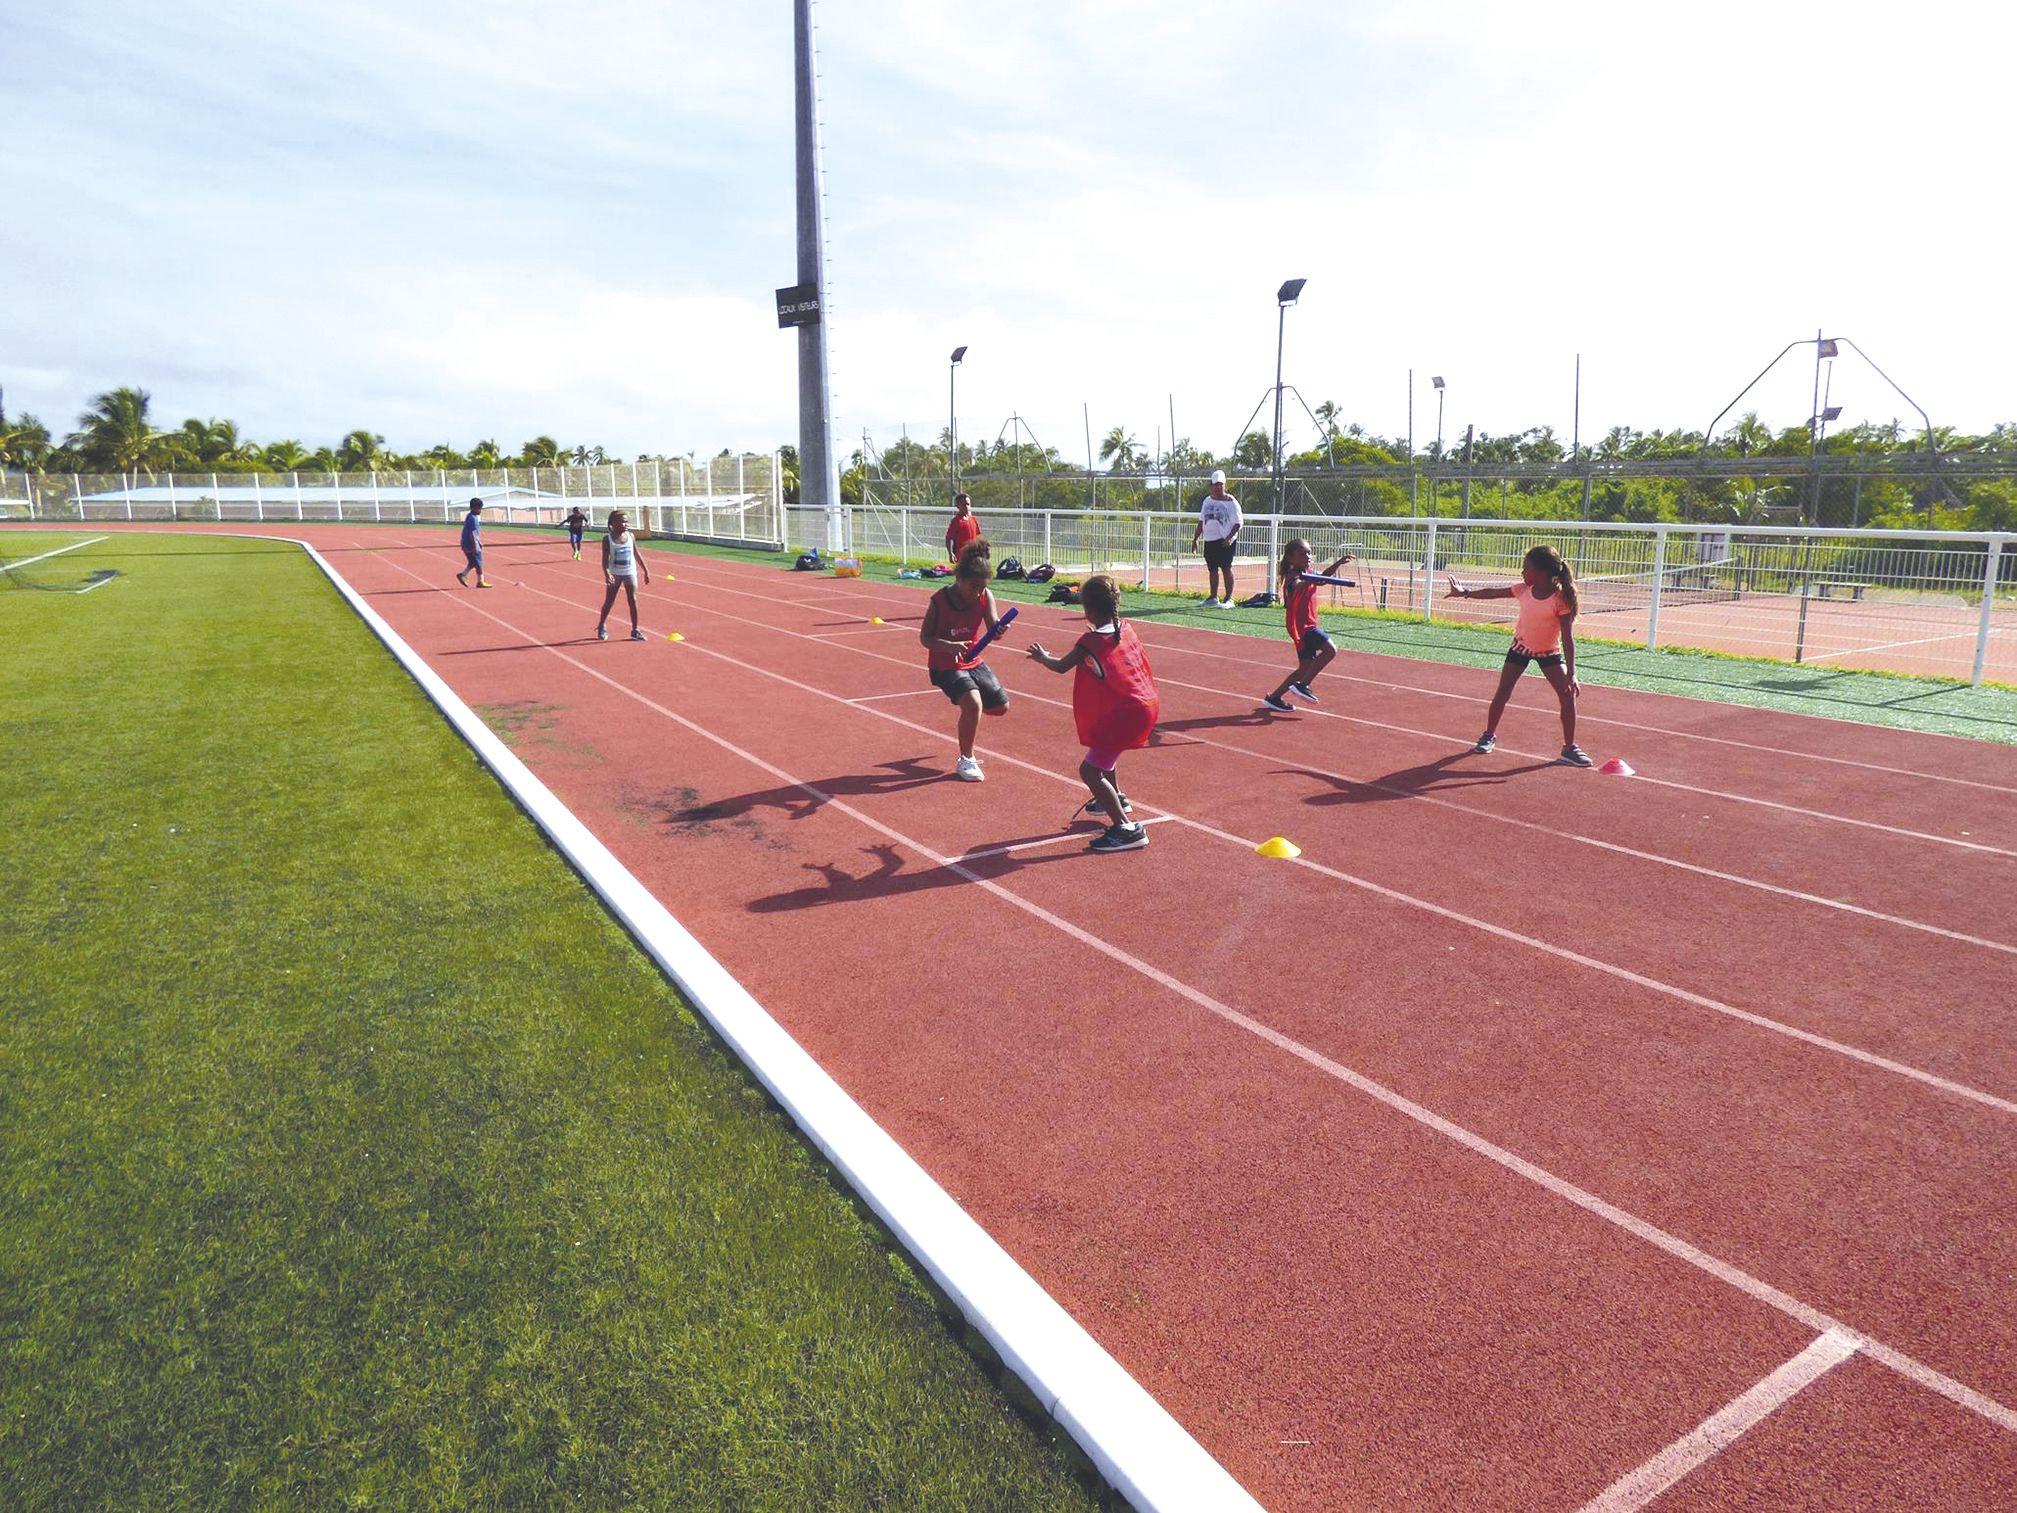 La journée territoriale du sport scolaire a été organisée partout ailleurs dans le pays mercredi à l'initiative de la direction de l\'enseignement de la Nouvelle-Calédonie. Elle a fait la part belle à l'athlétisme.